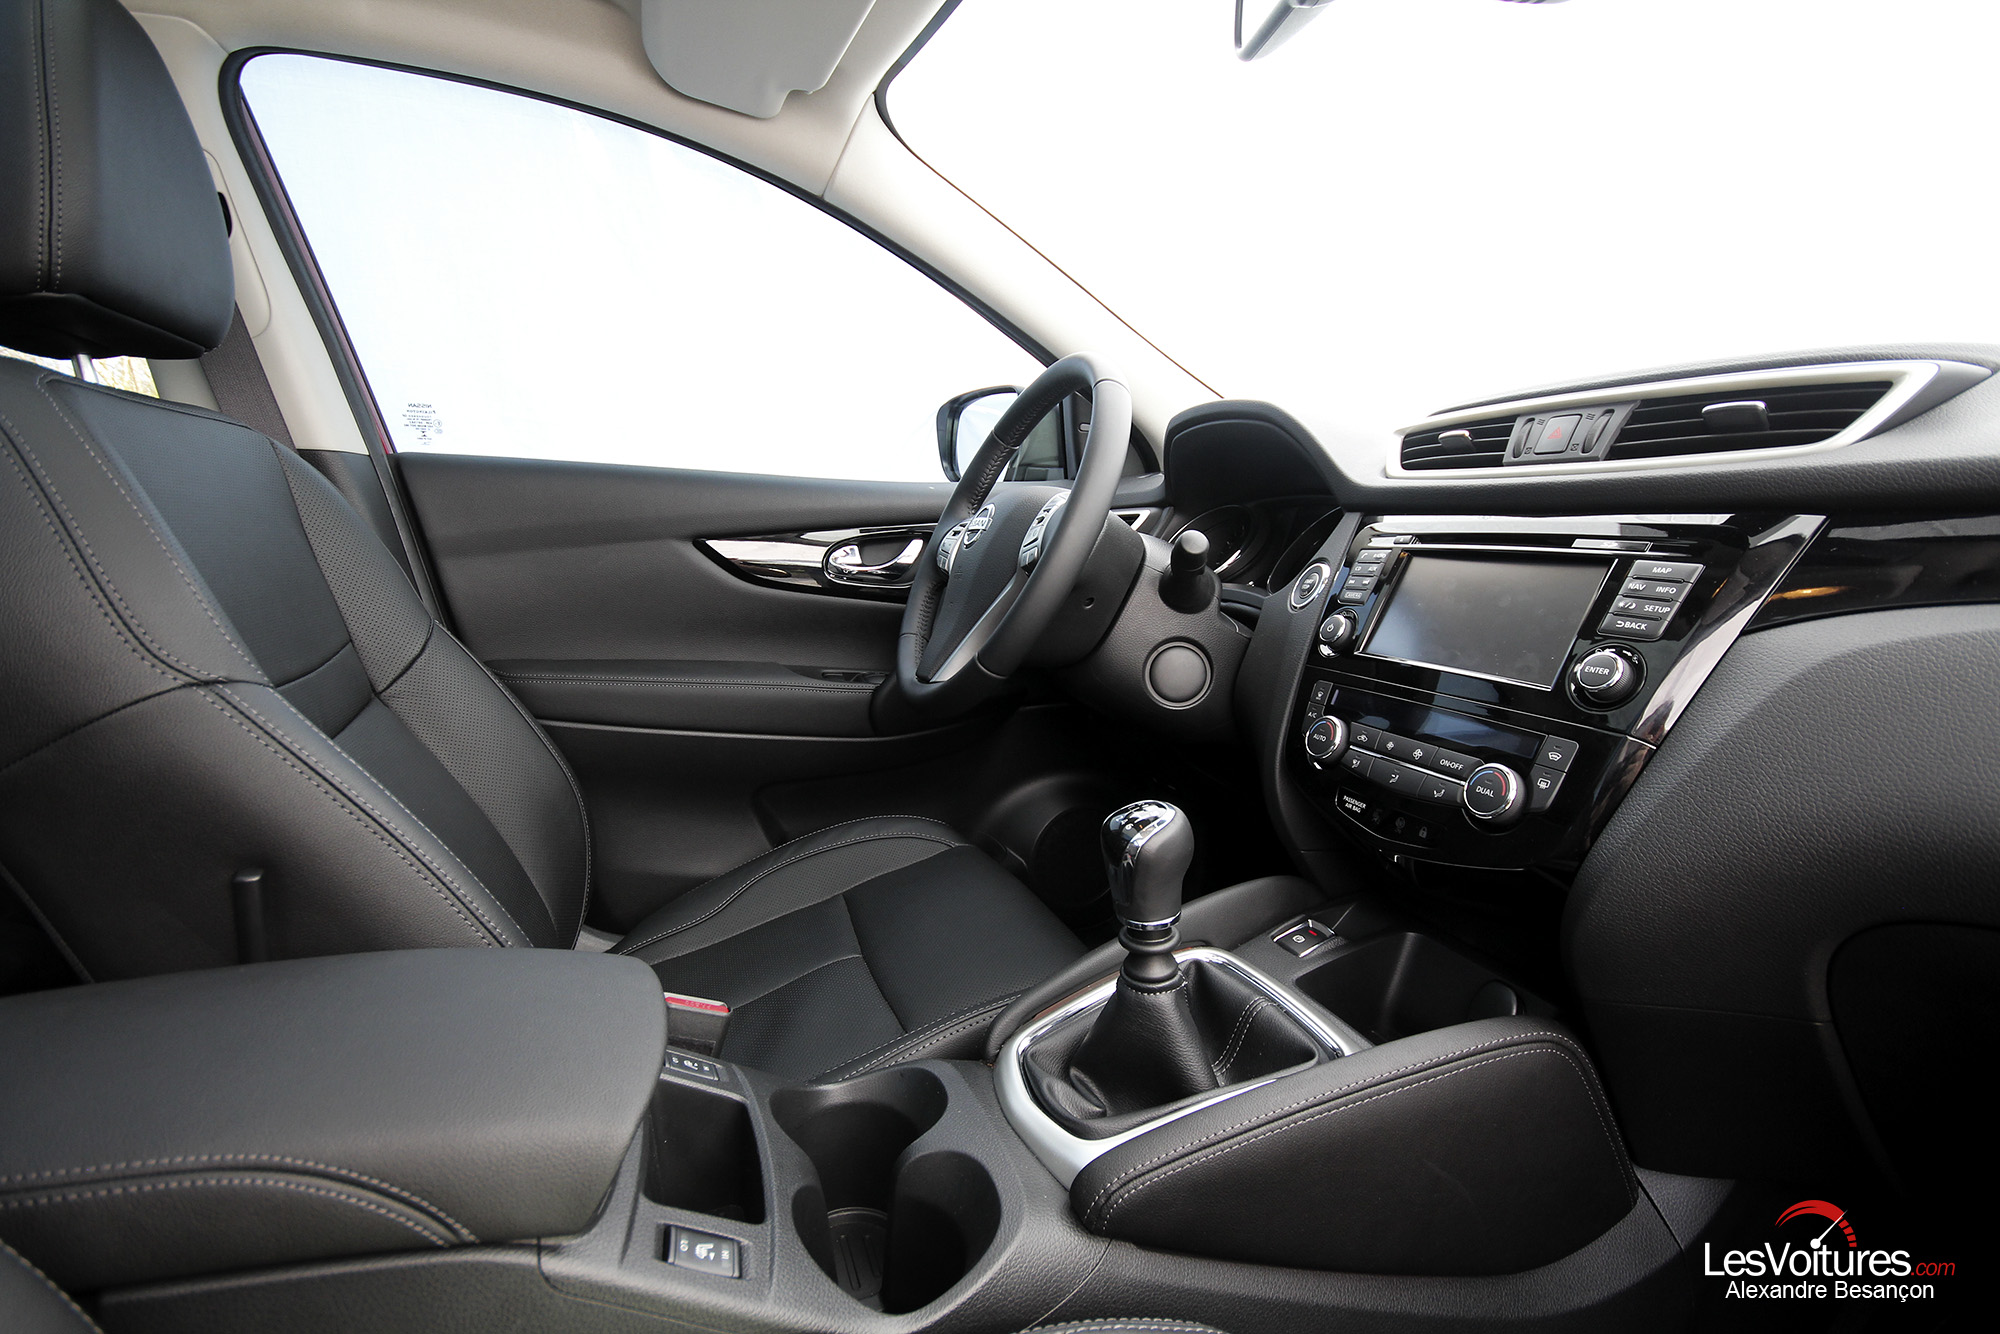 Essai Nouveau Nissan Qashqai 2014 Les Voitures